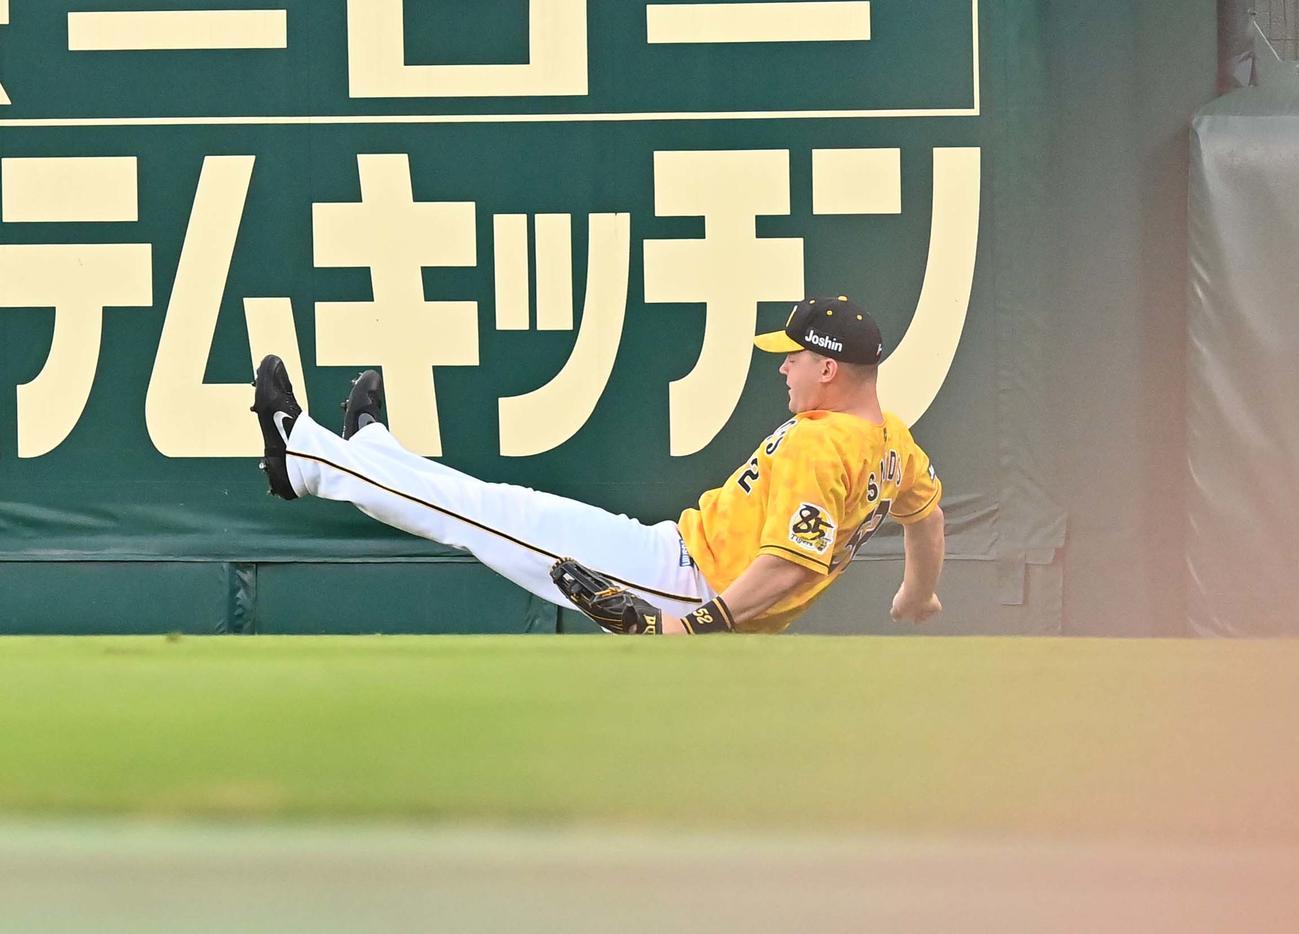 サンズは佐野の右翼への打球を捕球するも足をすべらせ転倒し三塁打とする(撮影・上田博志)